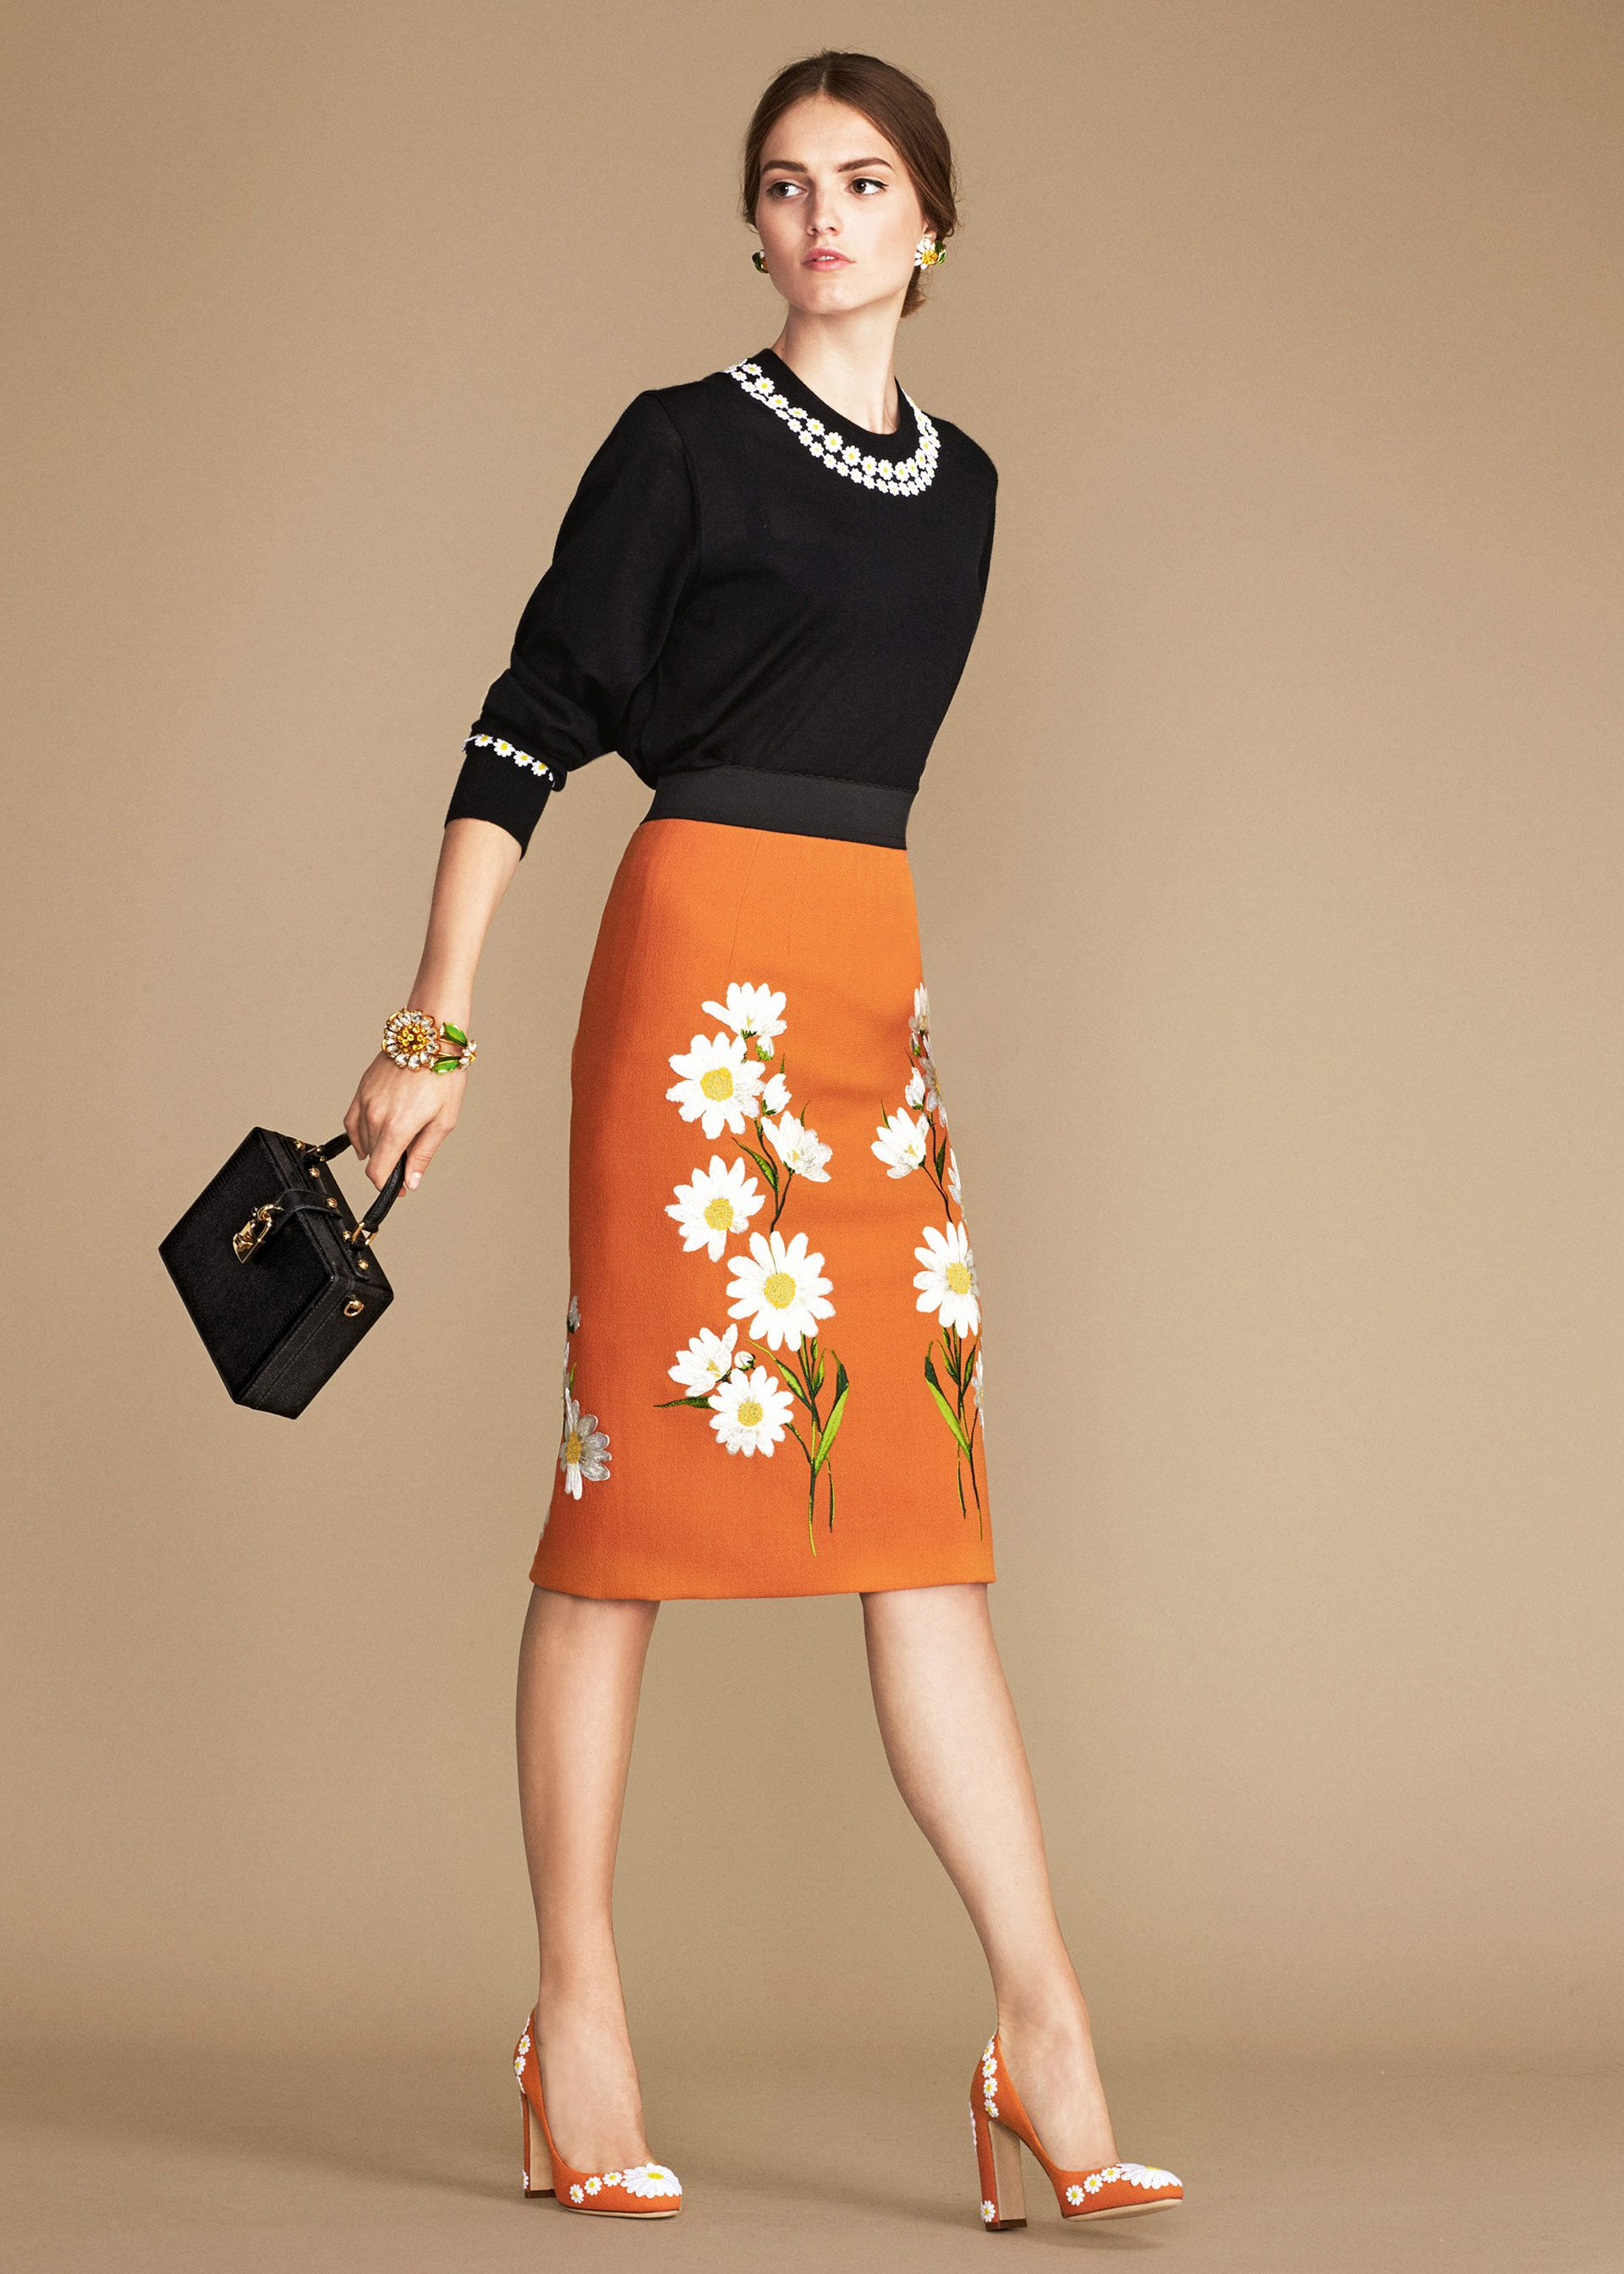 Dolce Amp Gabbana Women S Daisy Collection Summer 2016